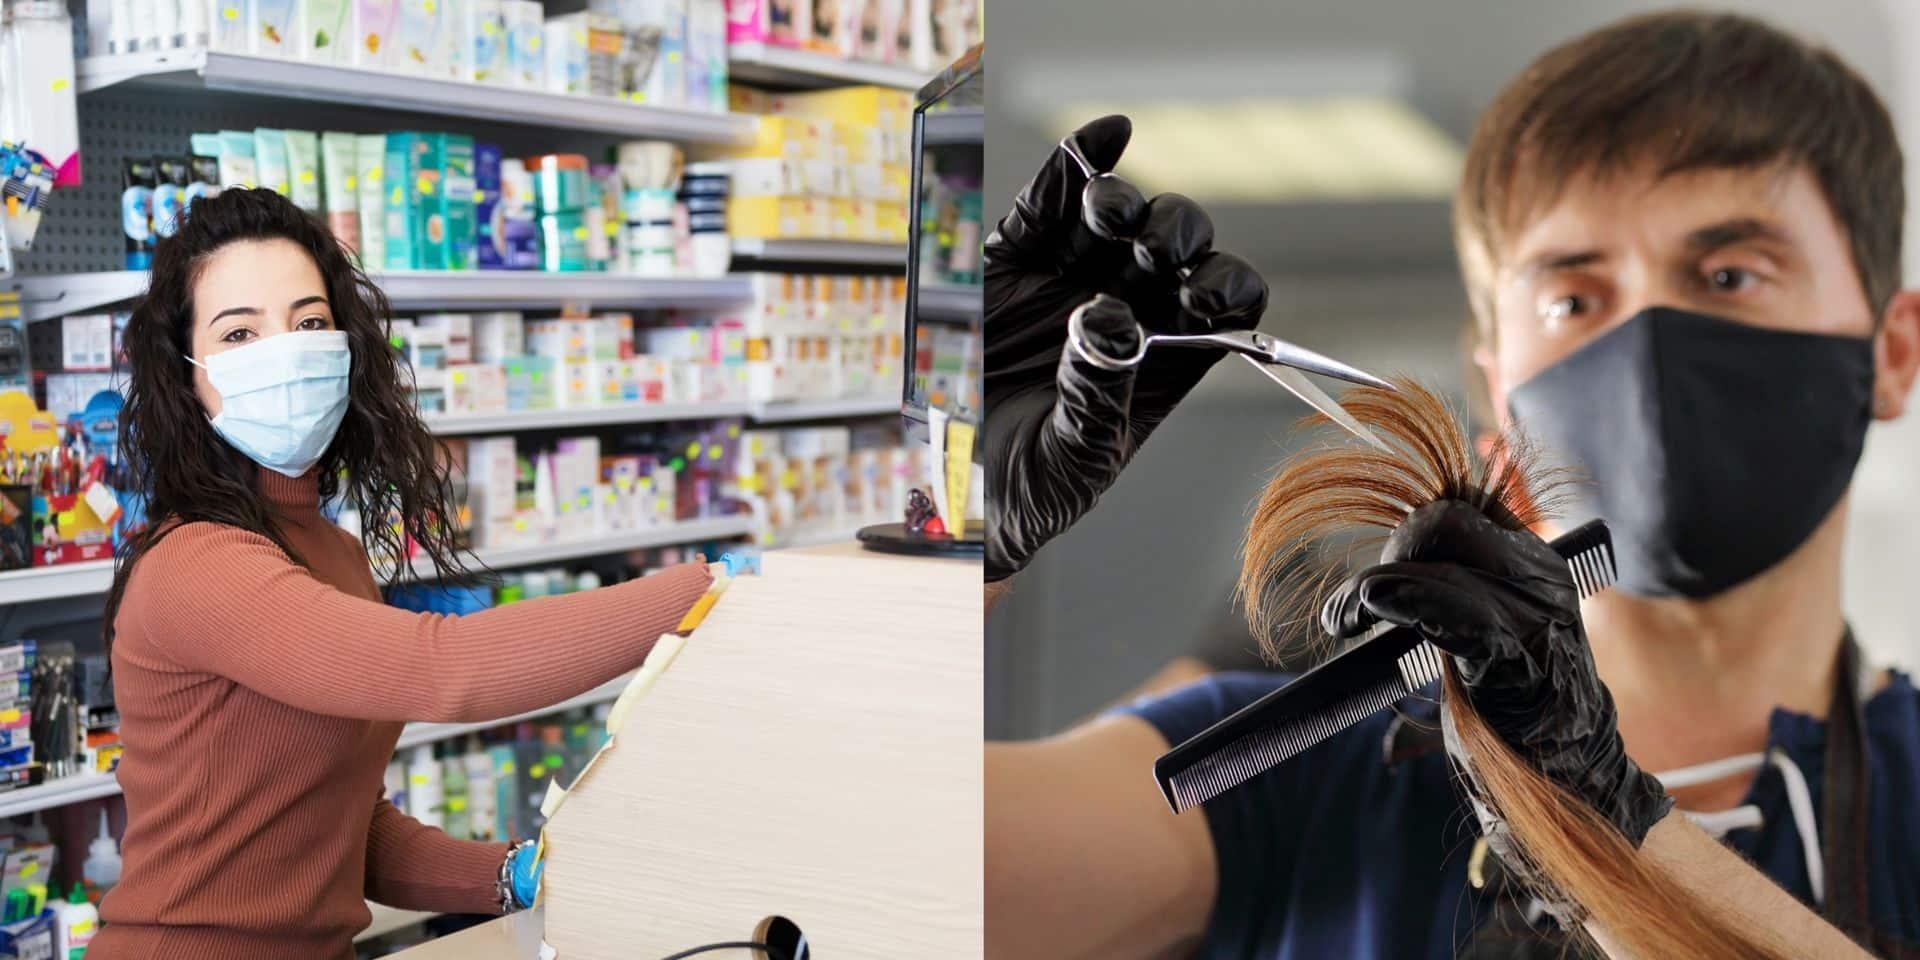 Commerces, coiffeurs, bulle sociale: voici les mesures qui entrent en vigueur ce samedi